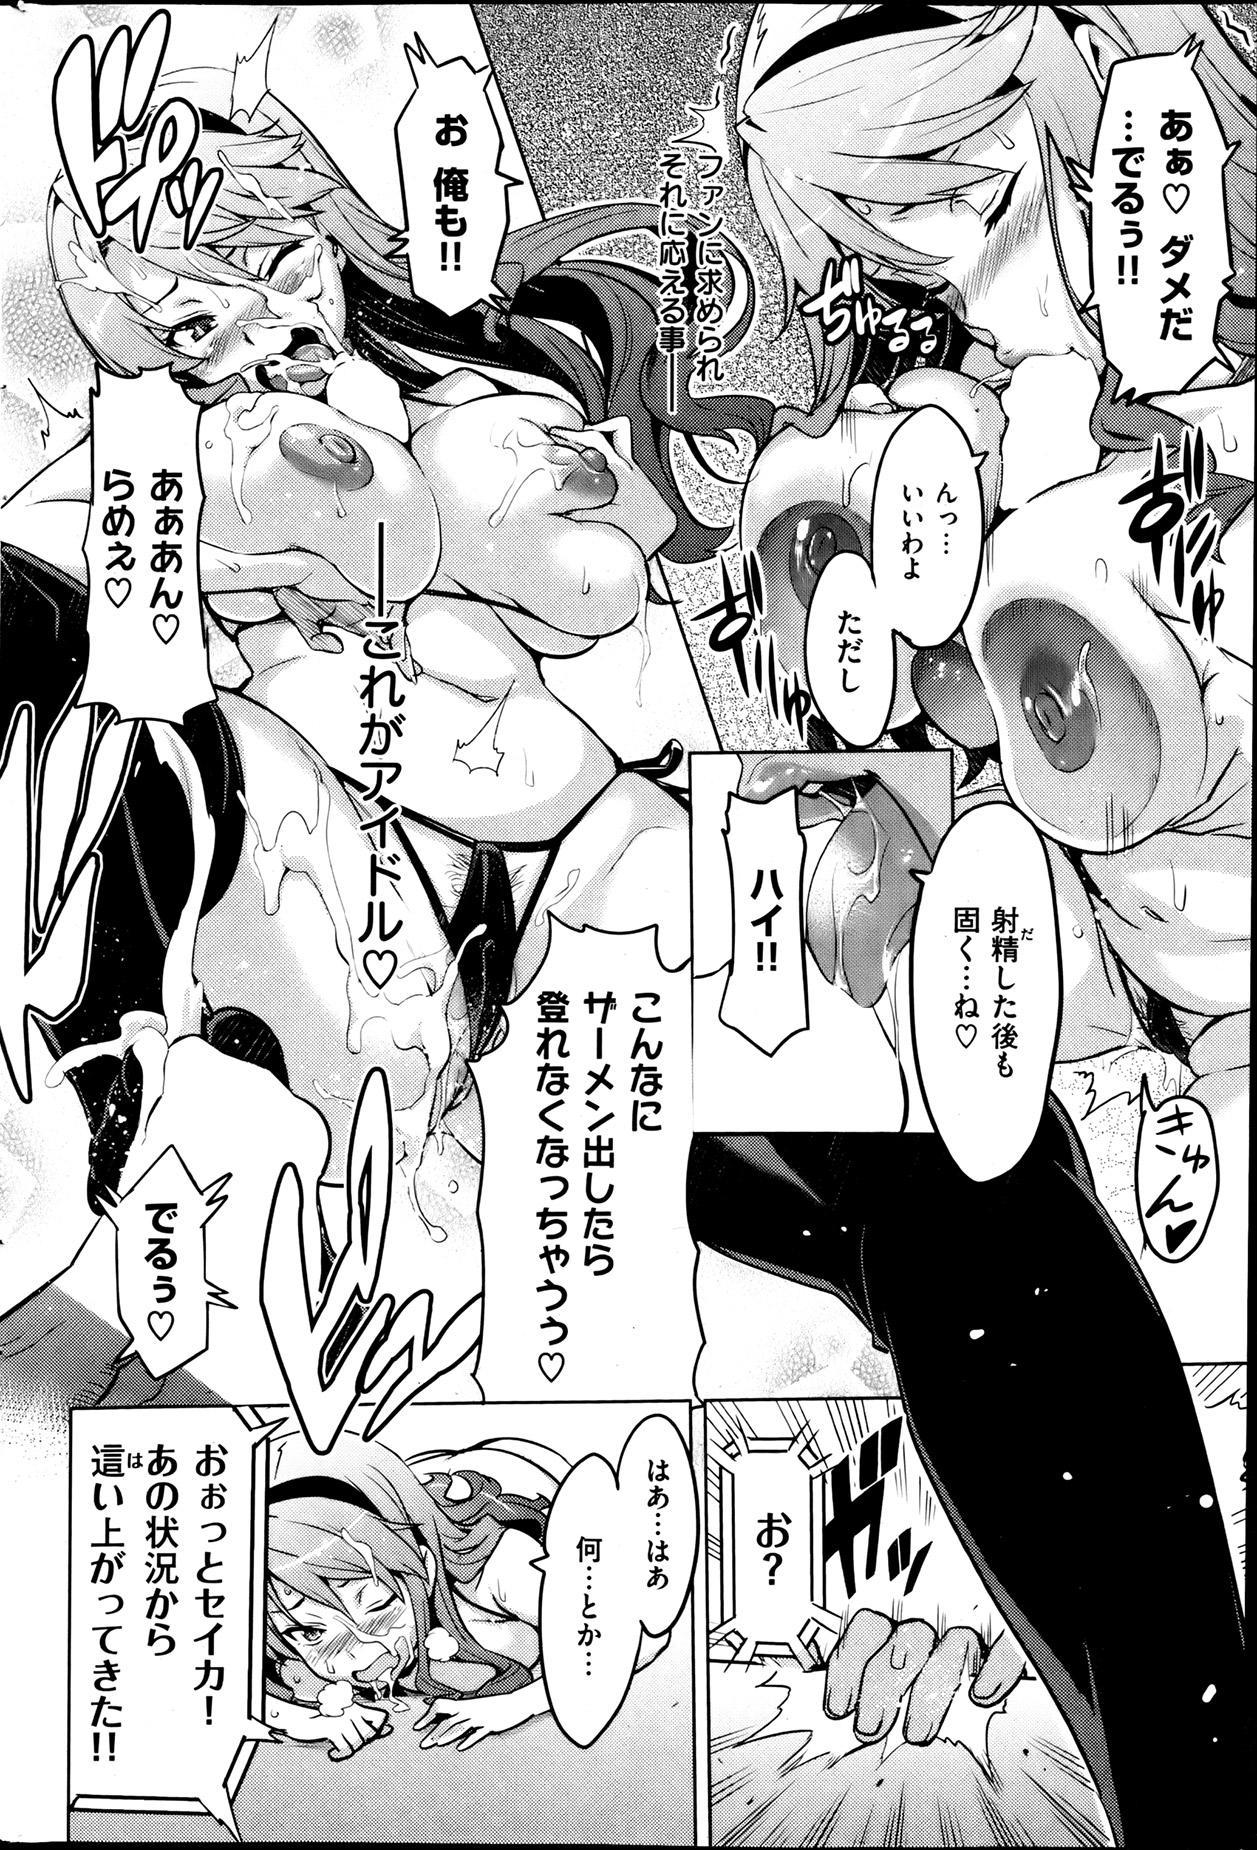 COMIC HANA-MAN 2013-08 Takeda Hiromitsu Tokushuu 203